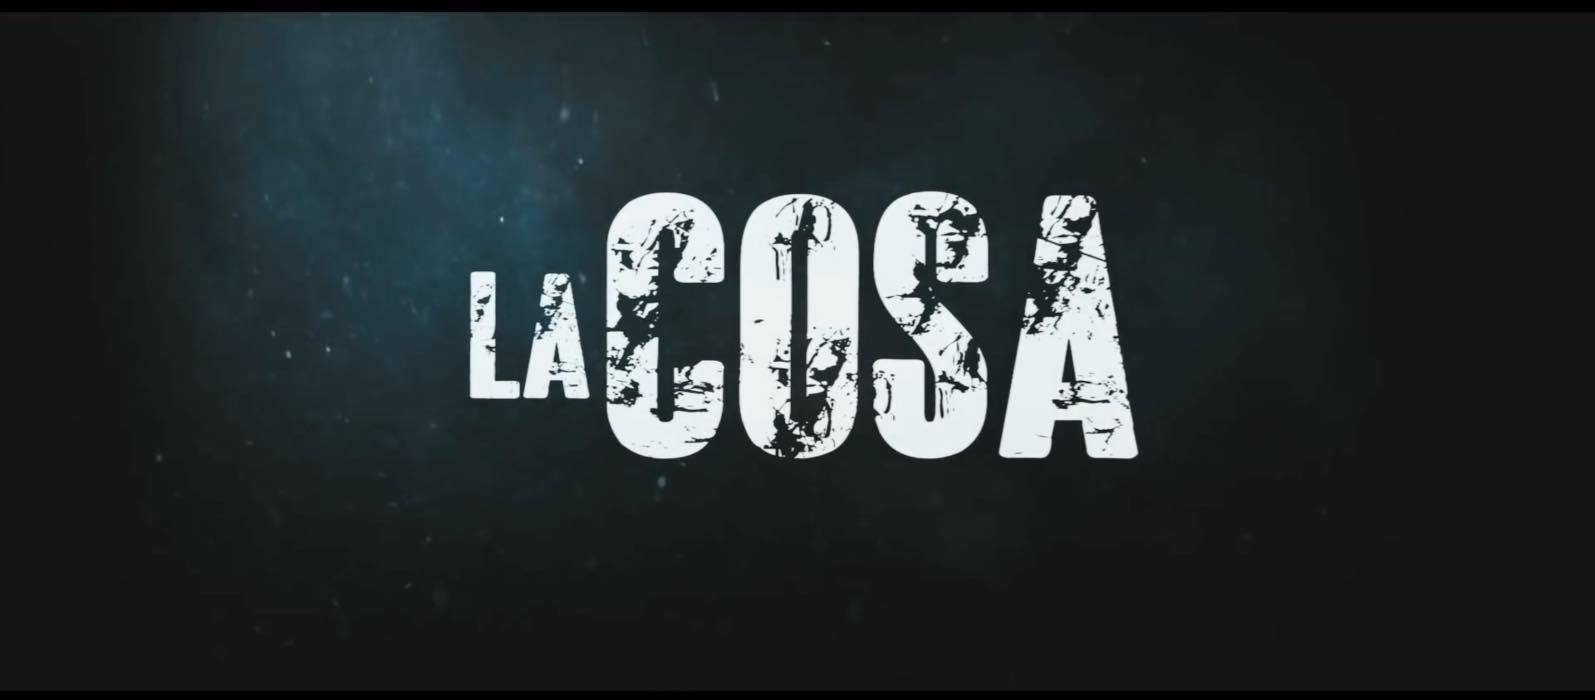 'La cosa': info, trama, cast e tutte le curiosità del film su Italia 1